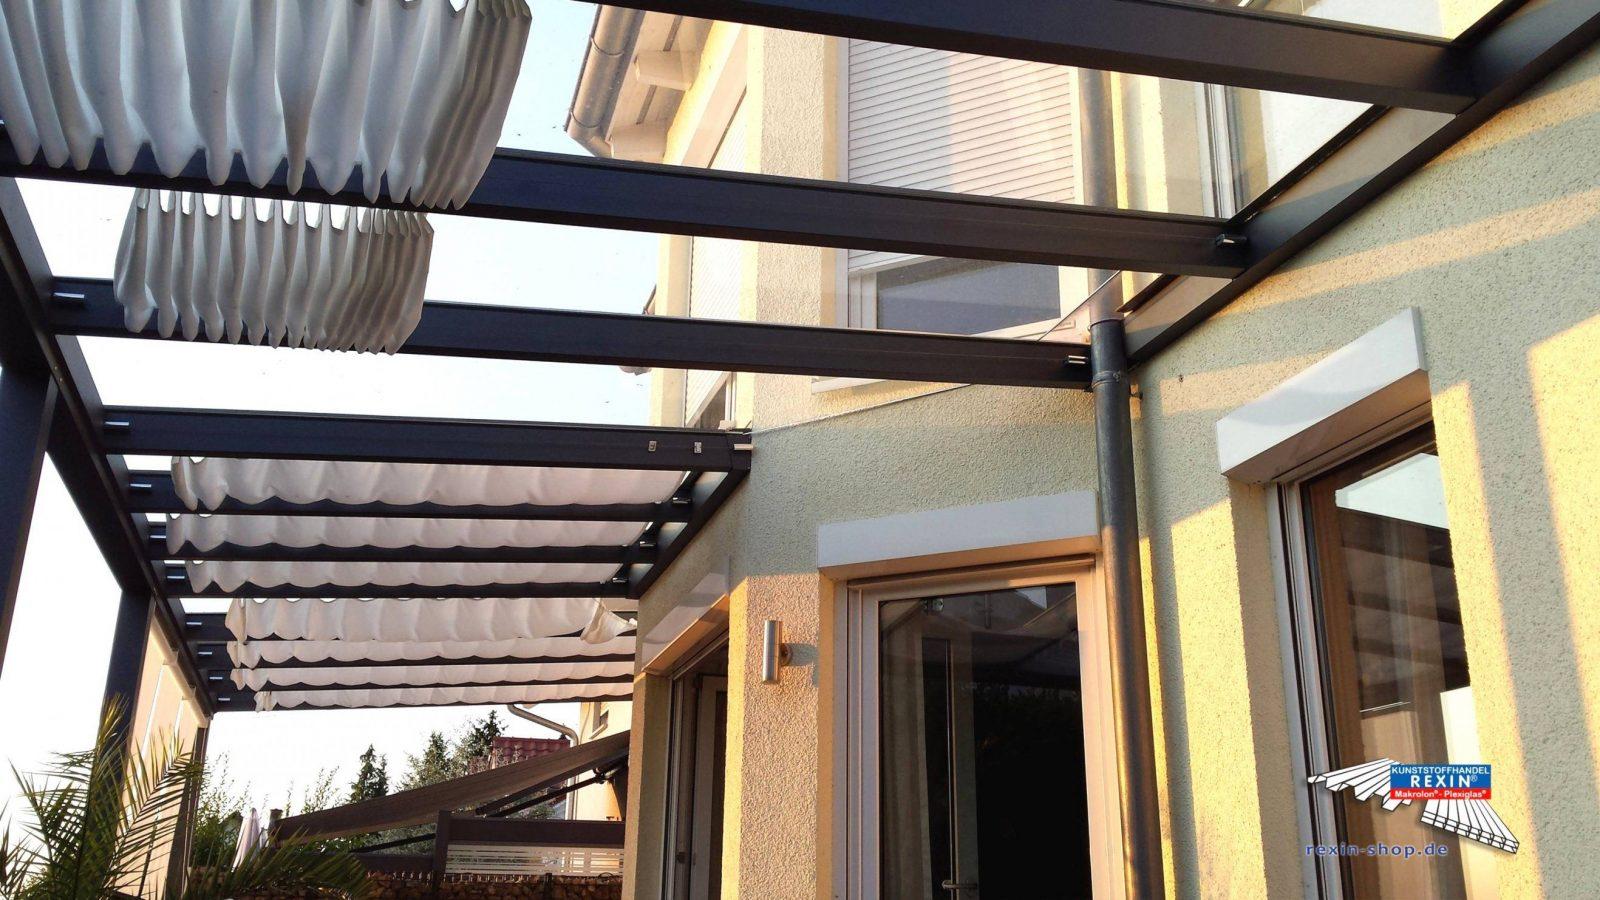 Windschutz Selber Bauen Terrassen Windschutz Holz Balkon Seitenwand von Balkon Holz Selber Bauen Bild